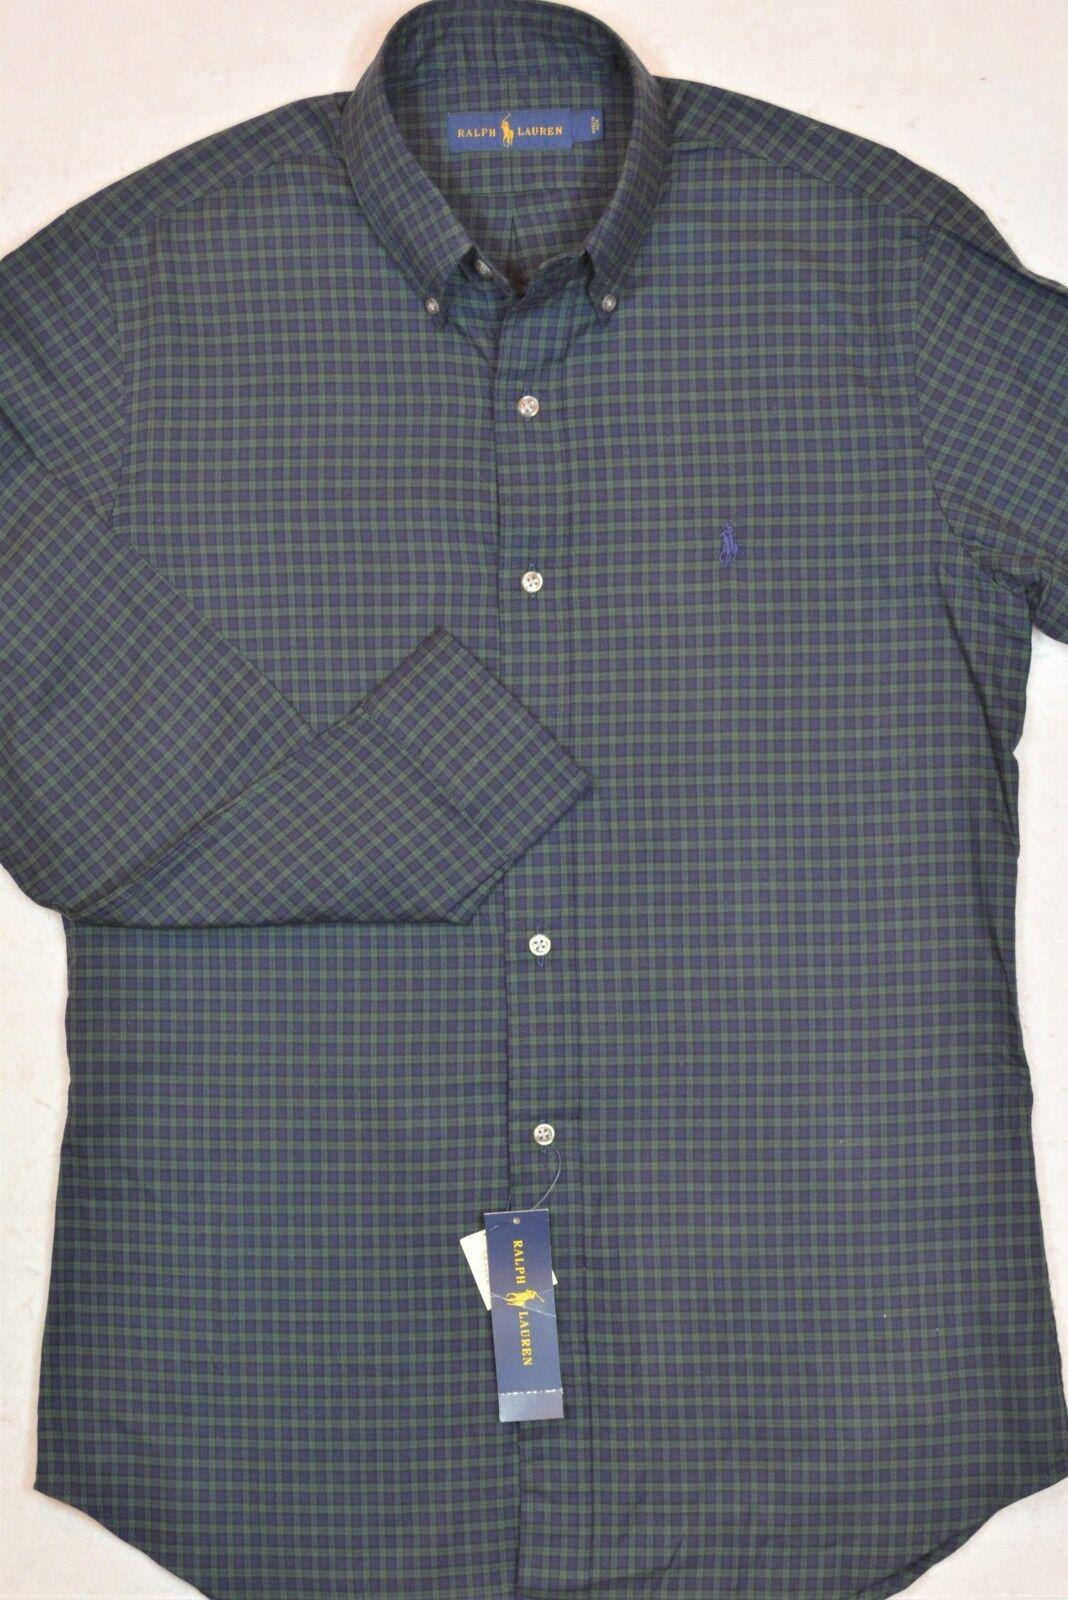 Ralph Lauren Shirt Green Navy Plaid Long Sleeves 2XLT 3XLT NWT